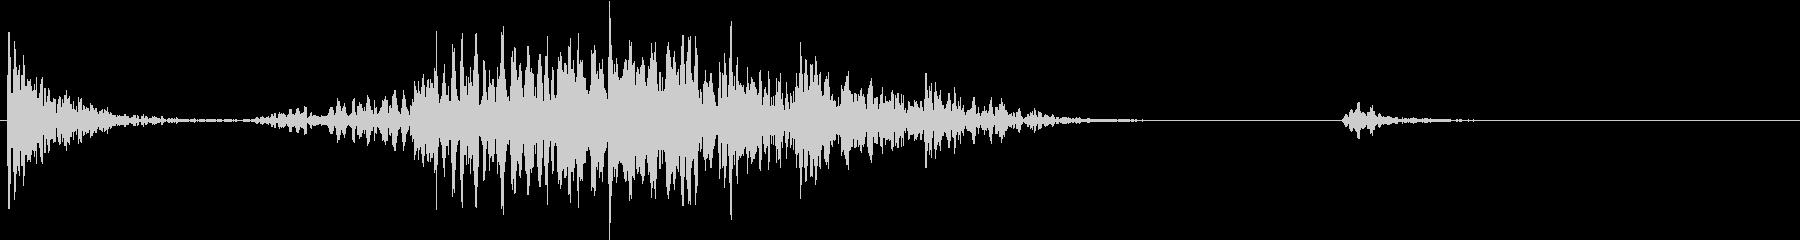 【生録音】テーブルを引っ掻く音 4の未再生の波形